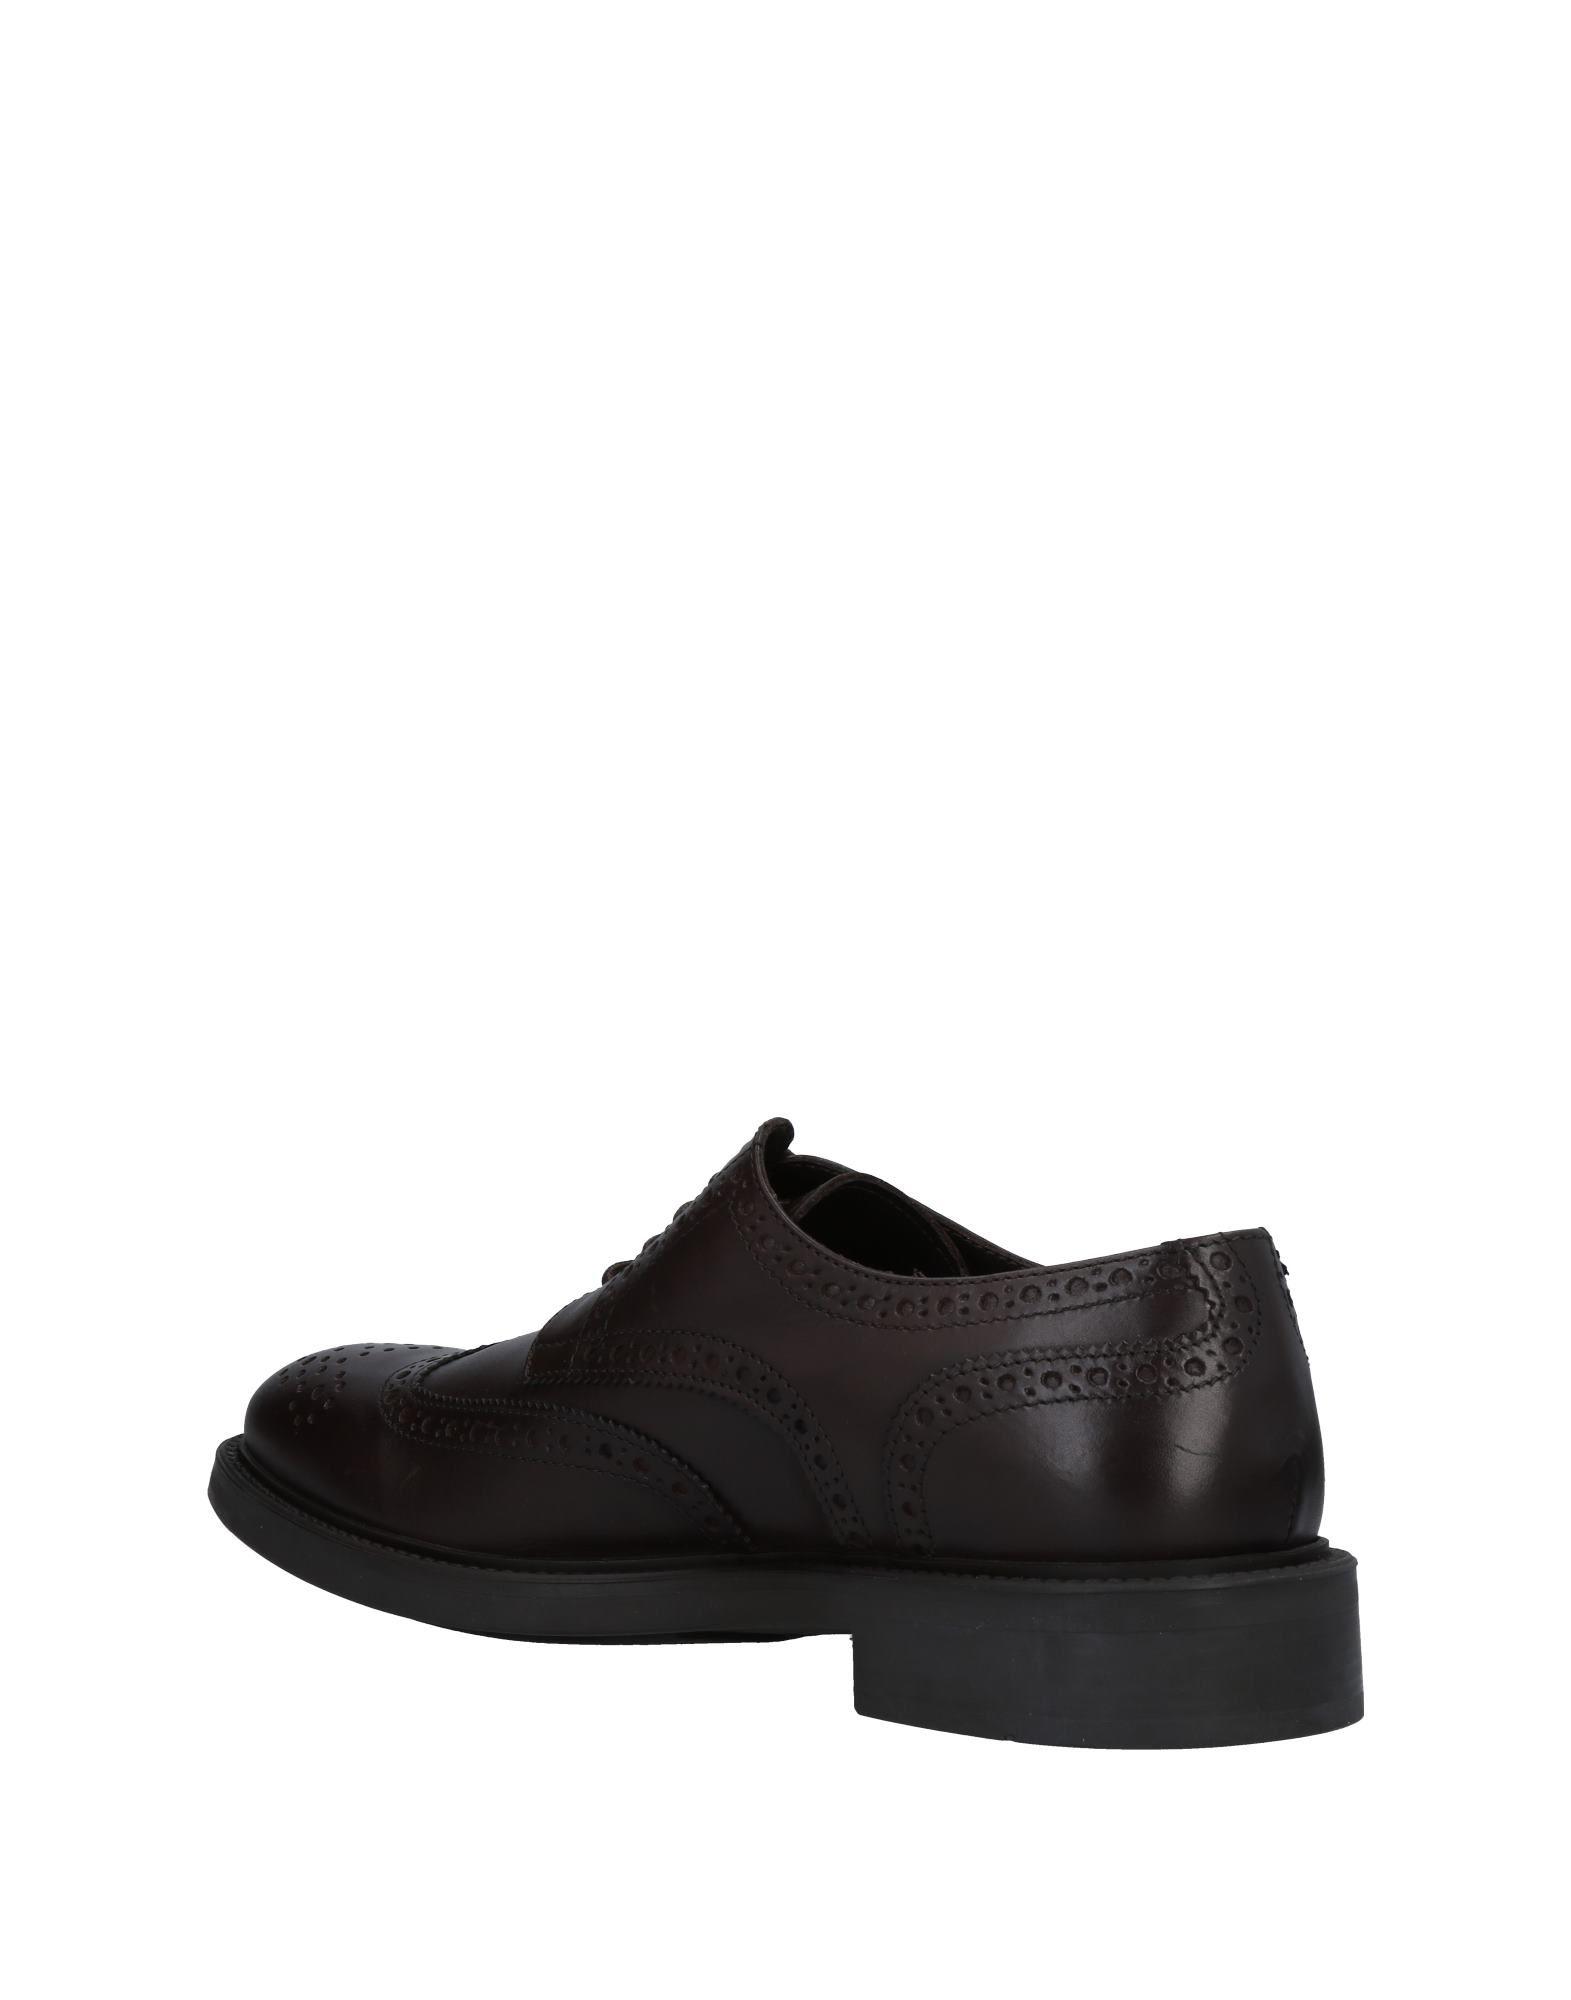 Marco Ferretti Schnürschuhe Herren  11480988SA Gute Qualität beliebte Schuhe